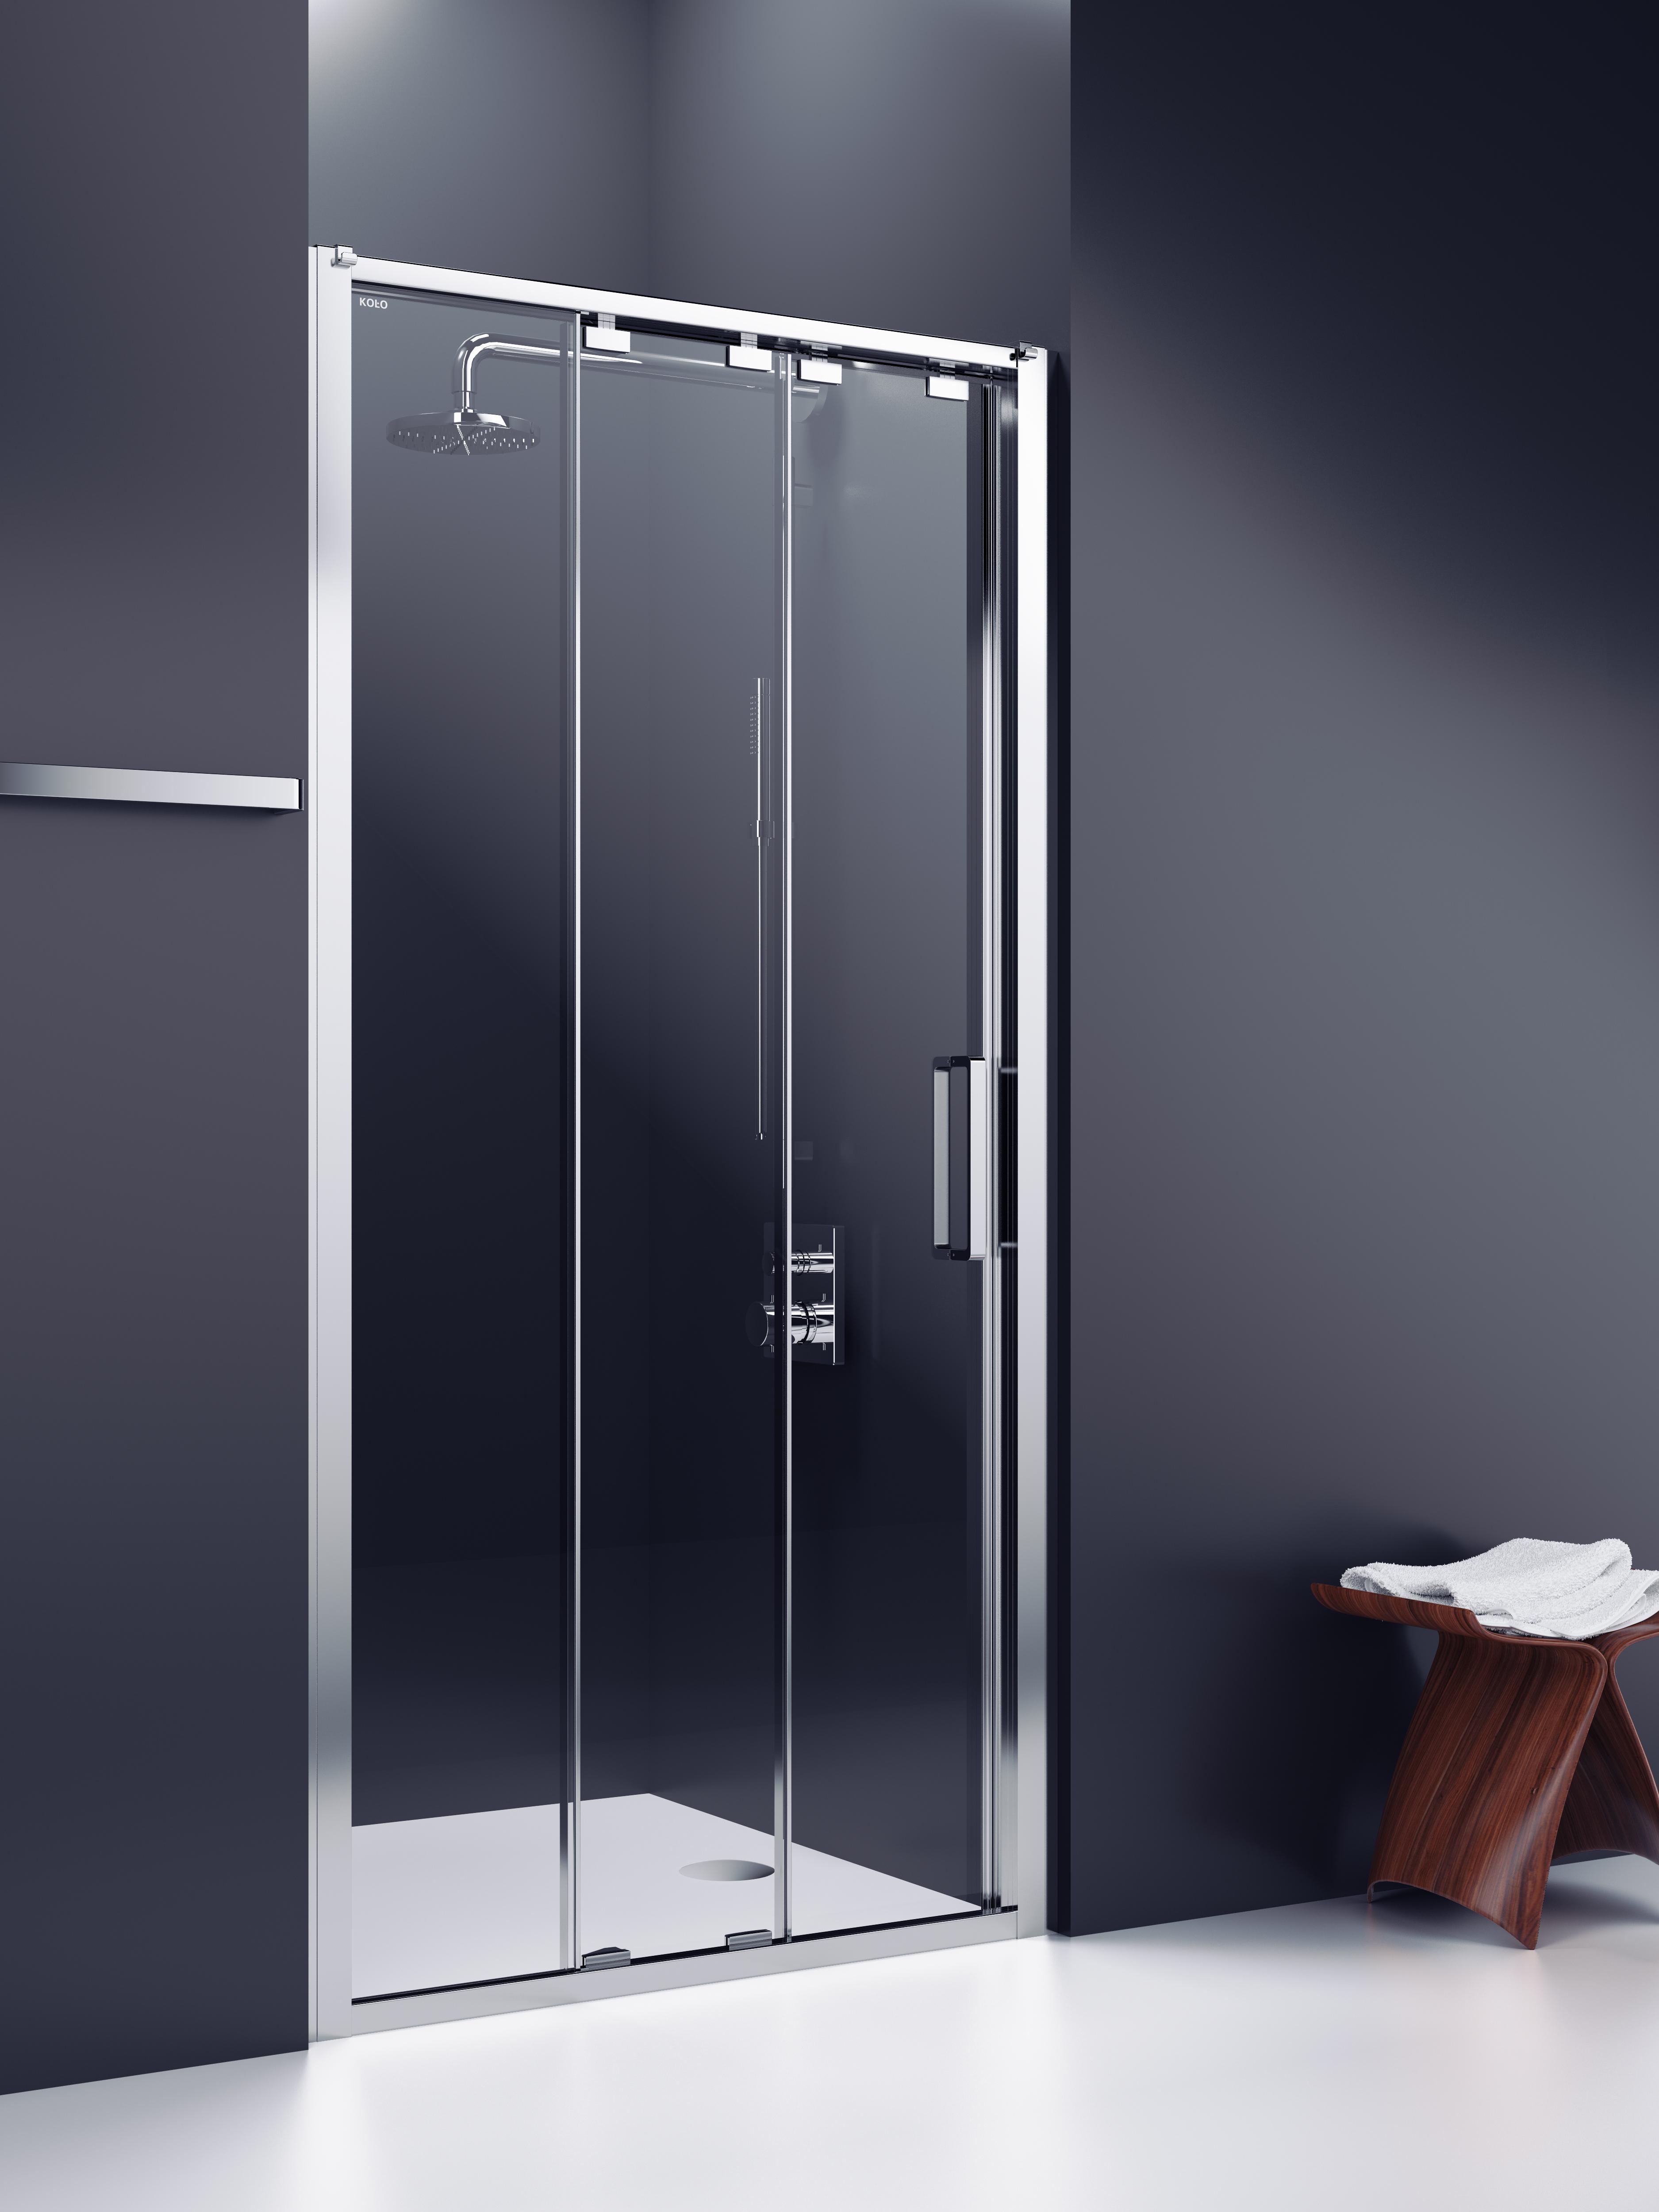 Zdjęcie przestawia wbudowaną kabinę koło ultra, zastosowaną w minimalistycznej, łazience, w kolorach grafitu i bieli.